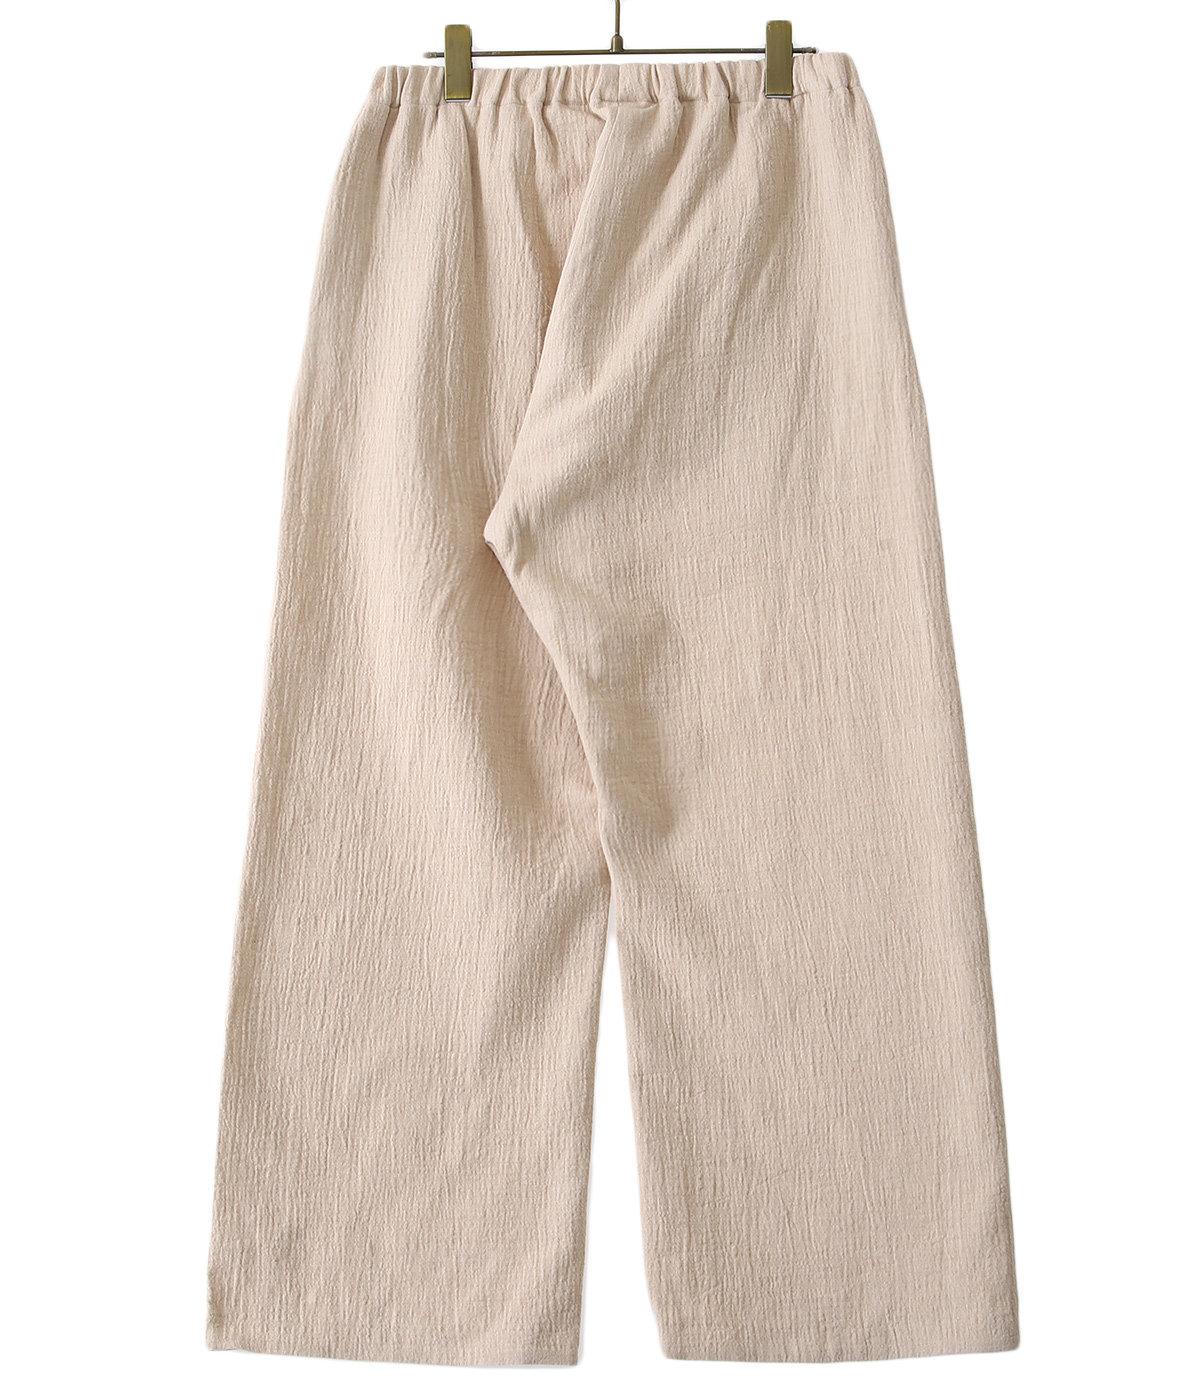 パジャマパンツ - 51605 -